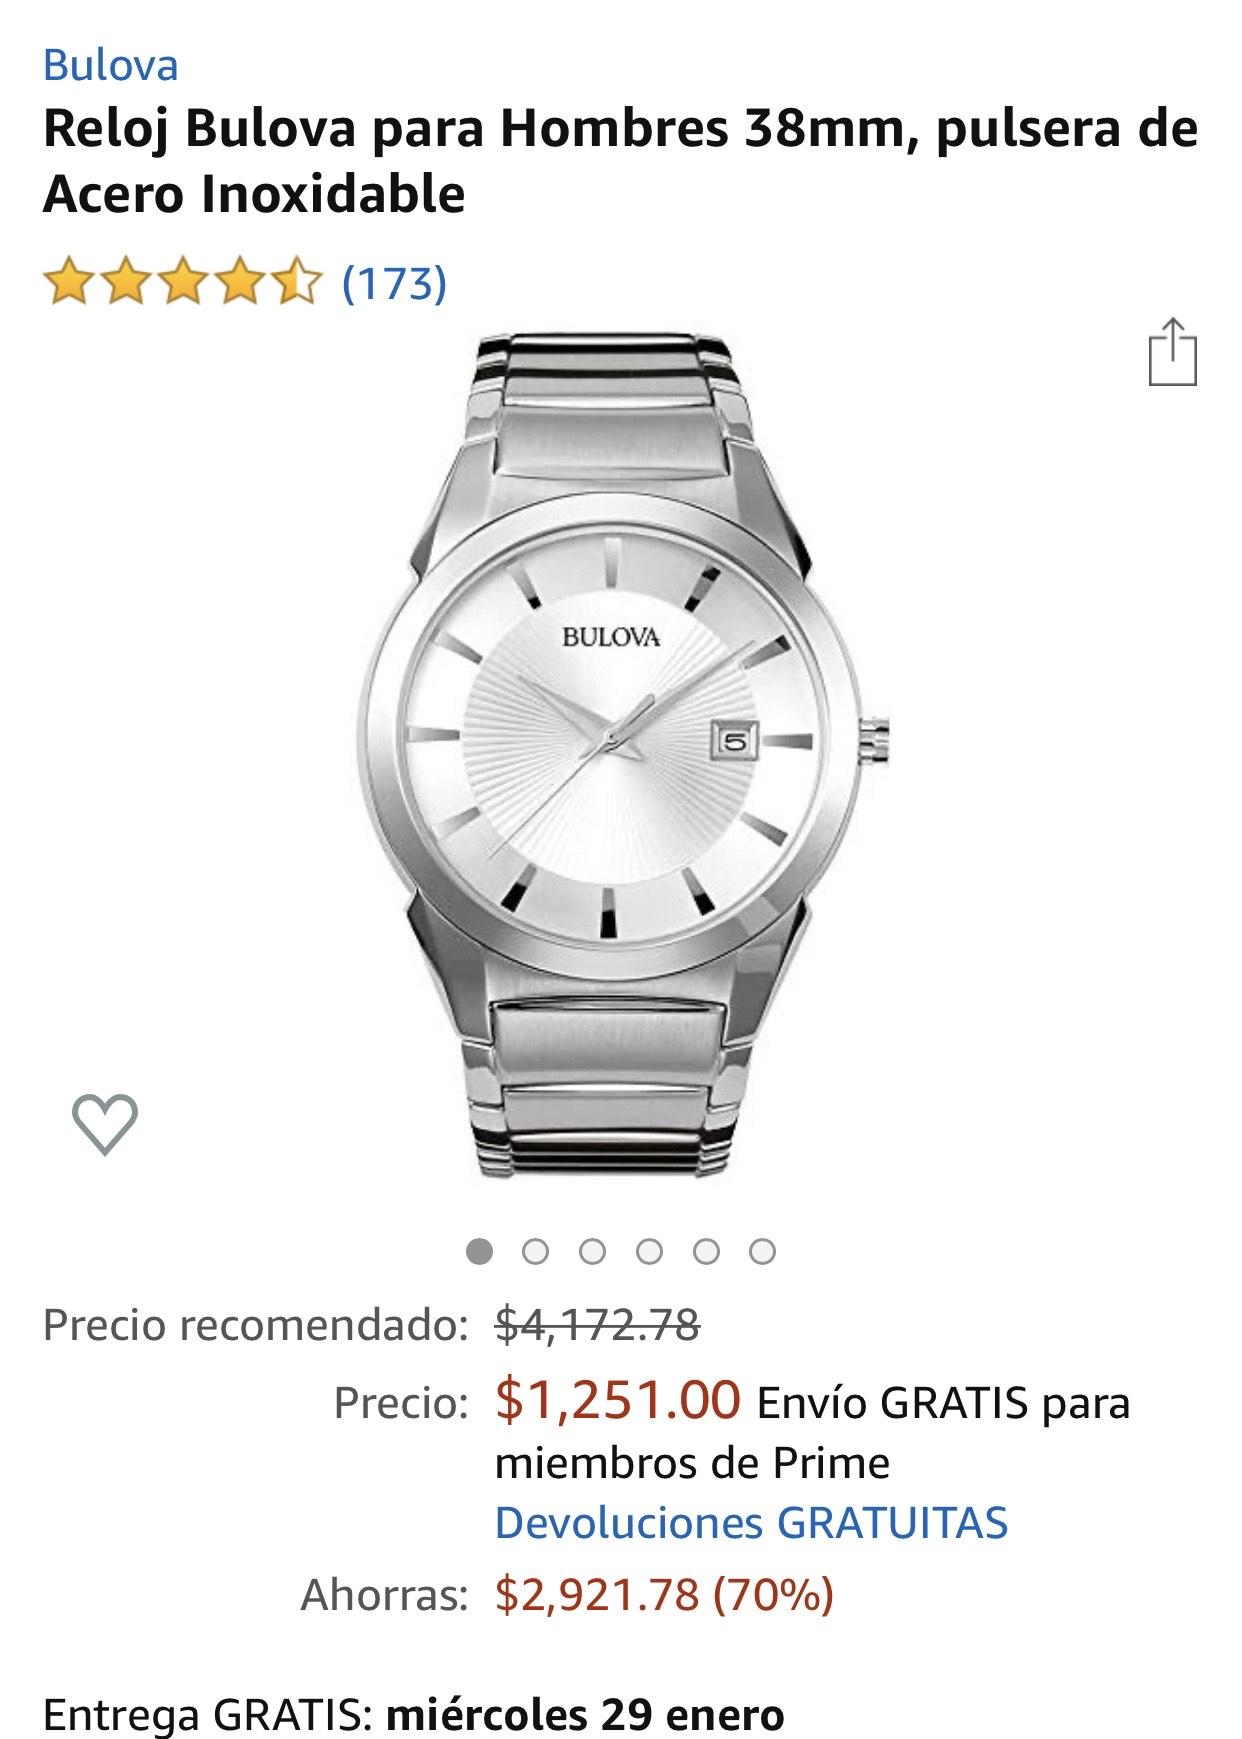 Amazon: Reloj Bulova Hombre